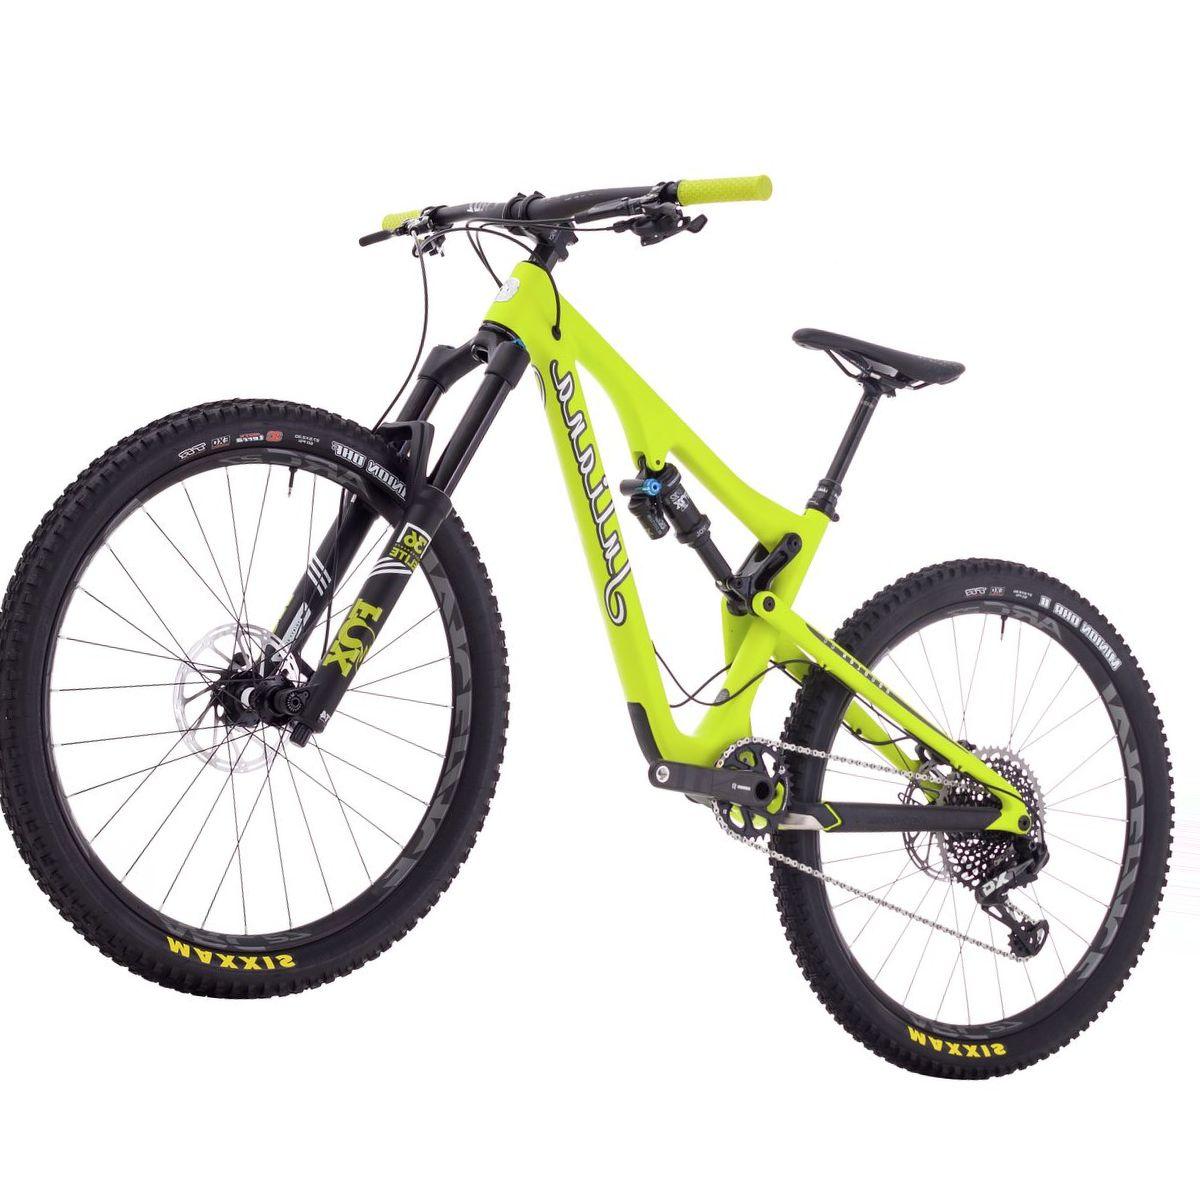 Juliana Roubion 2.1 Carbon CC X01 Eagle Mountain Bike - 2018 - Women's